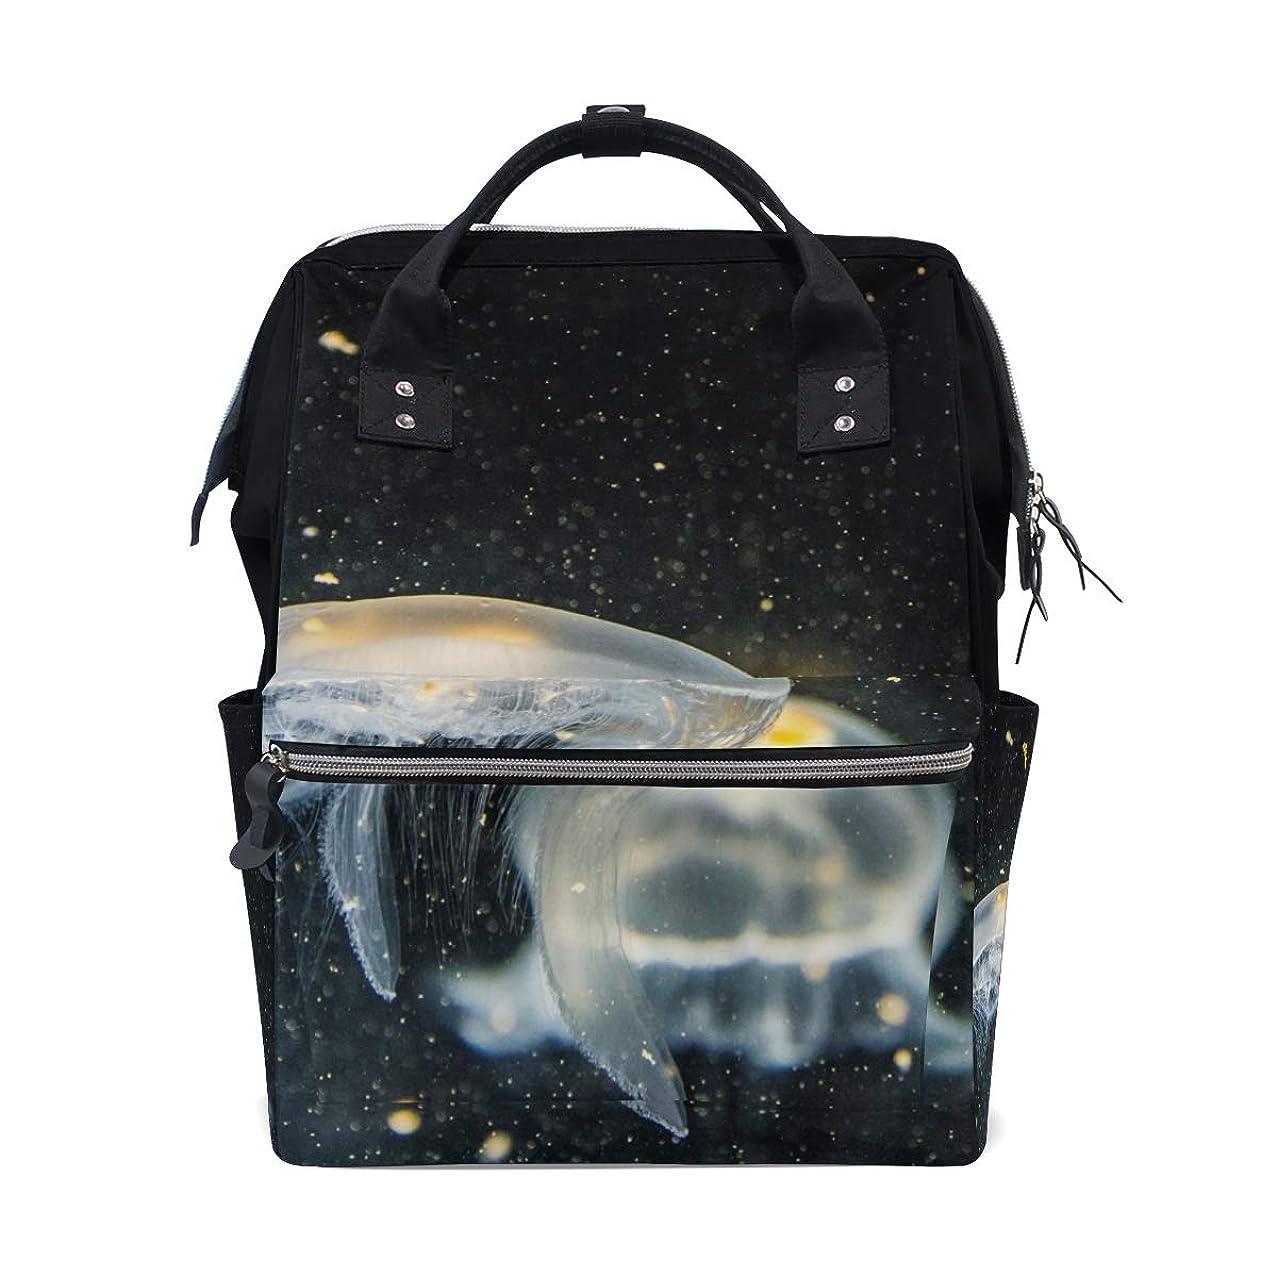 Backpack Jellyfish Animal Sea Galaxy School Rucksack Diaper Bags Travel Shoulder Large Capacity Bookbag for Women Men